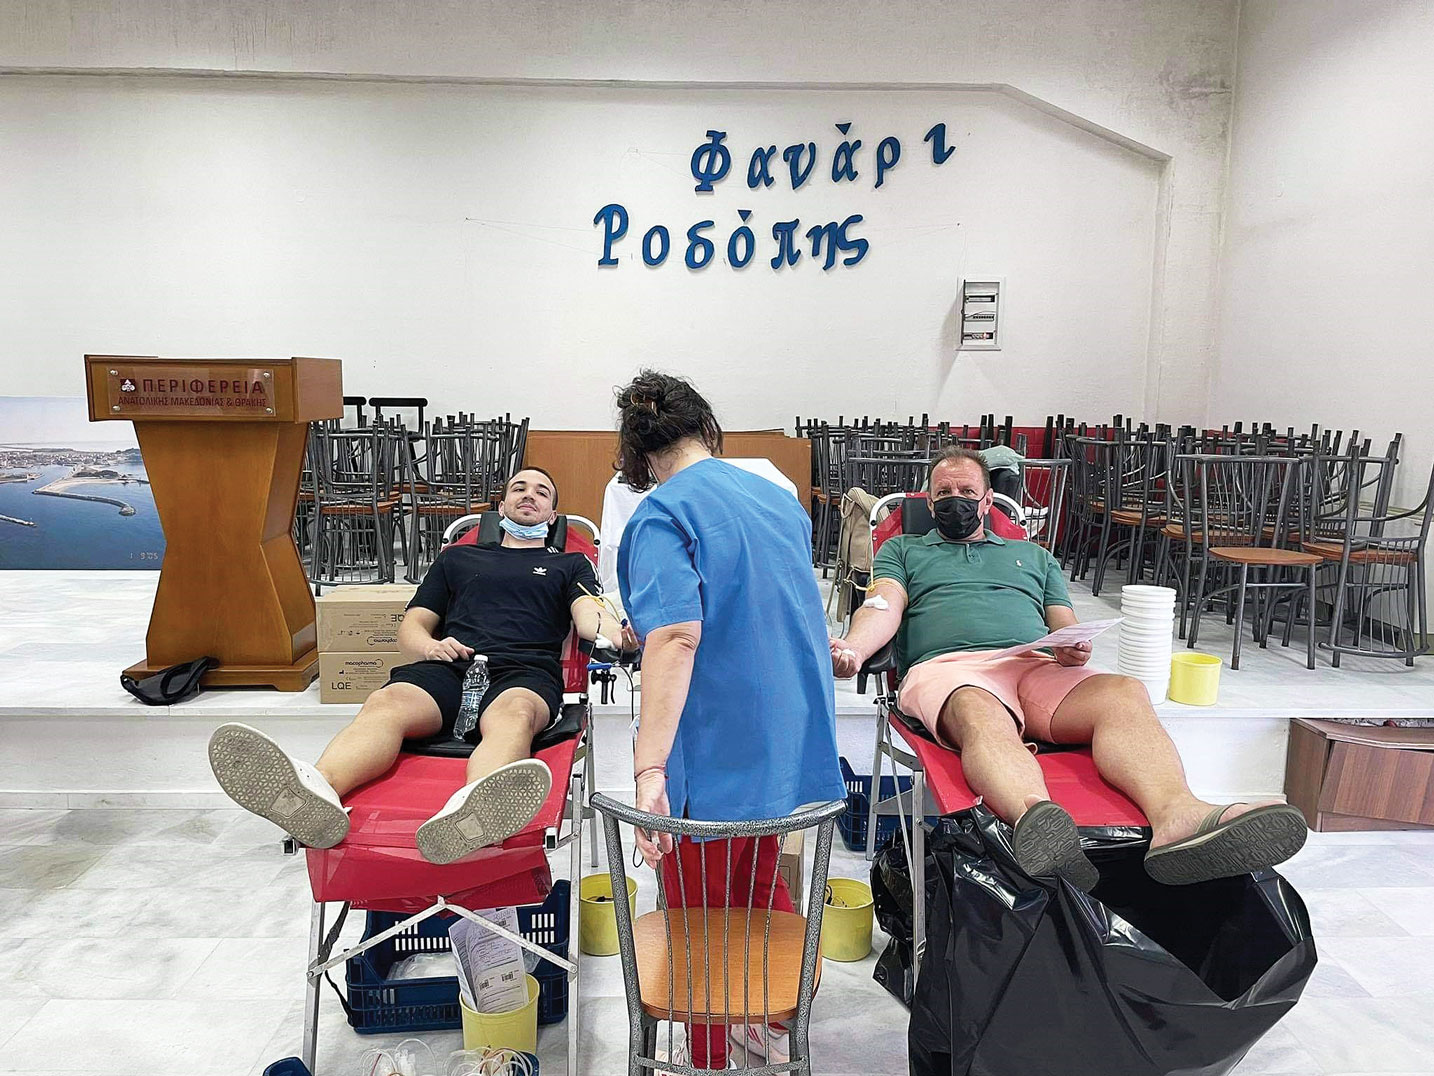 Πολλοί παραθεριστές έσπευσαν να δώσουν αίμα